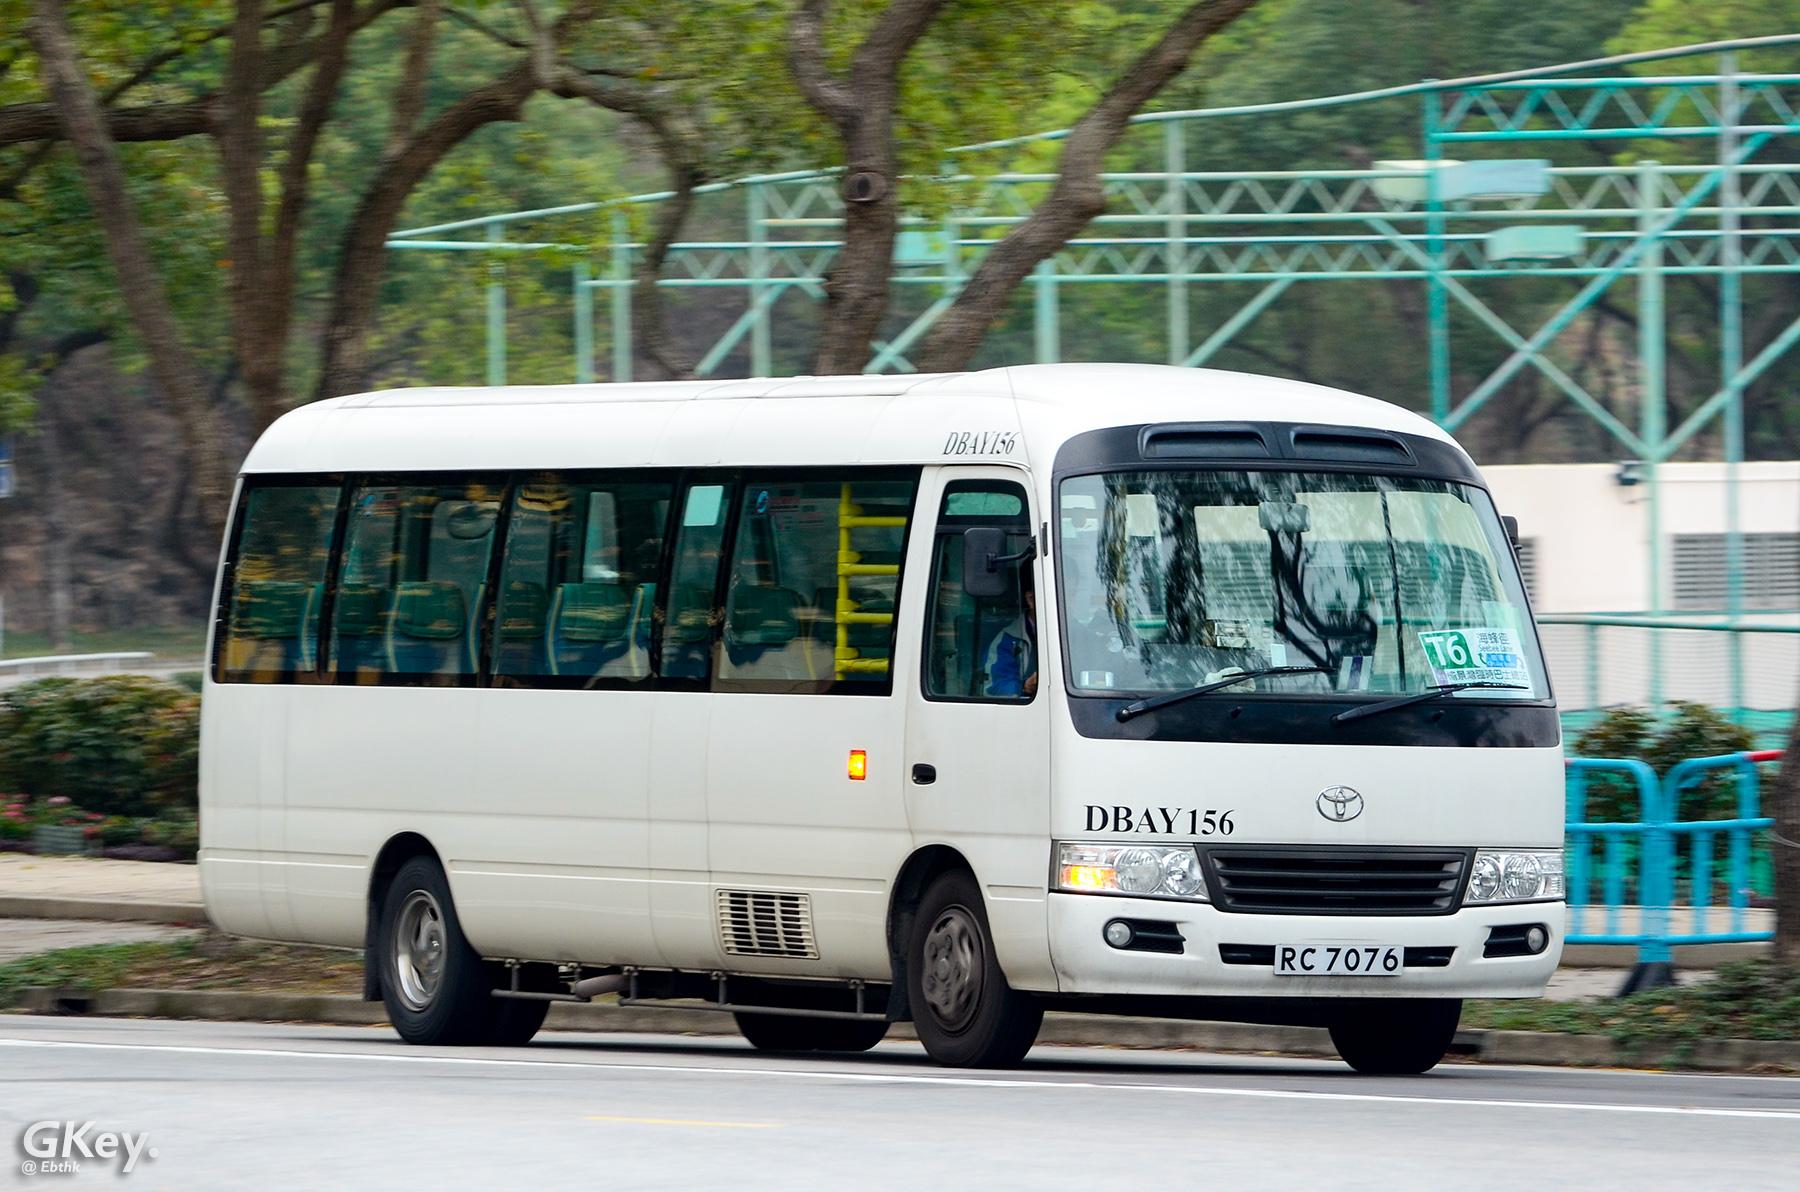 愉景灣巴士6號線